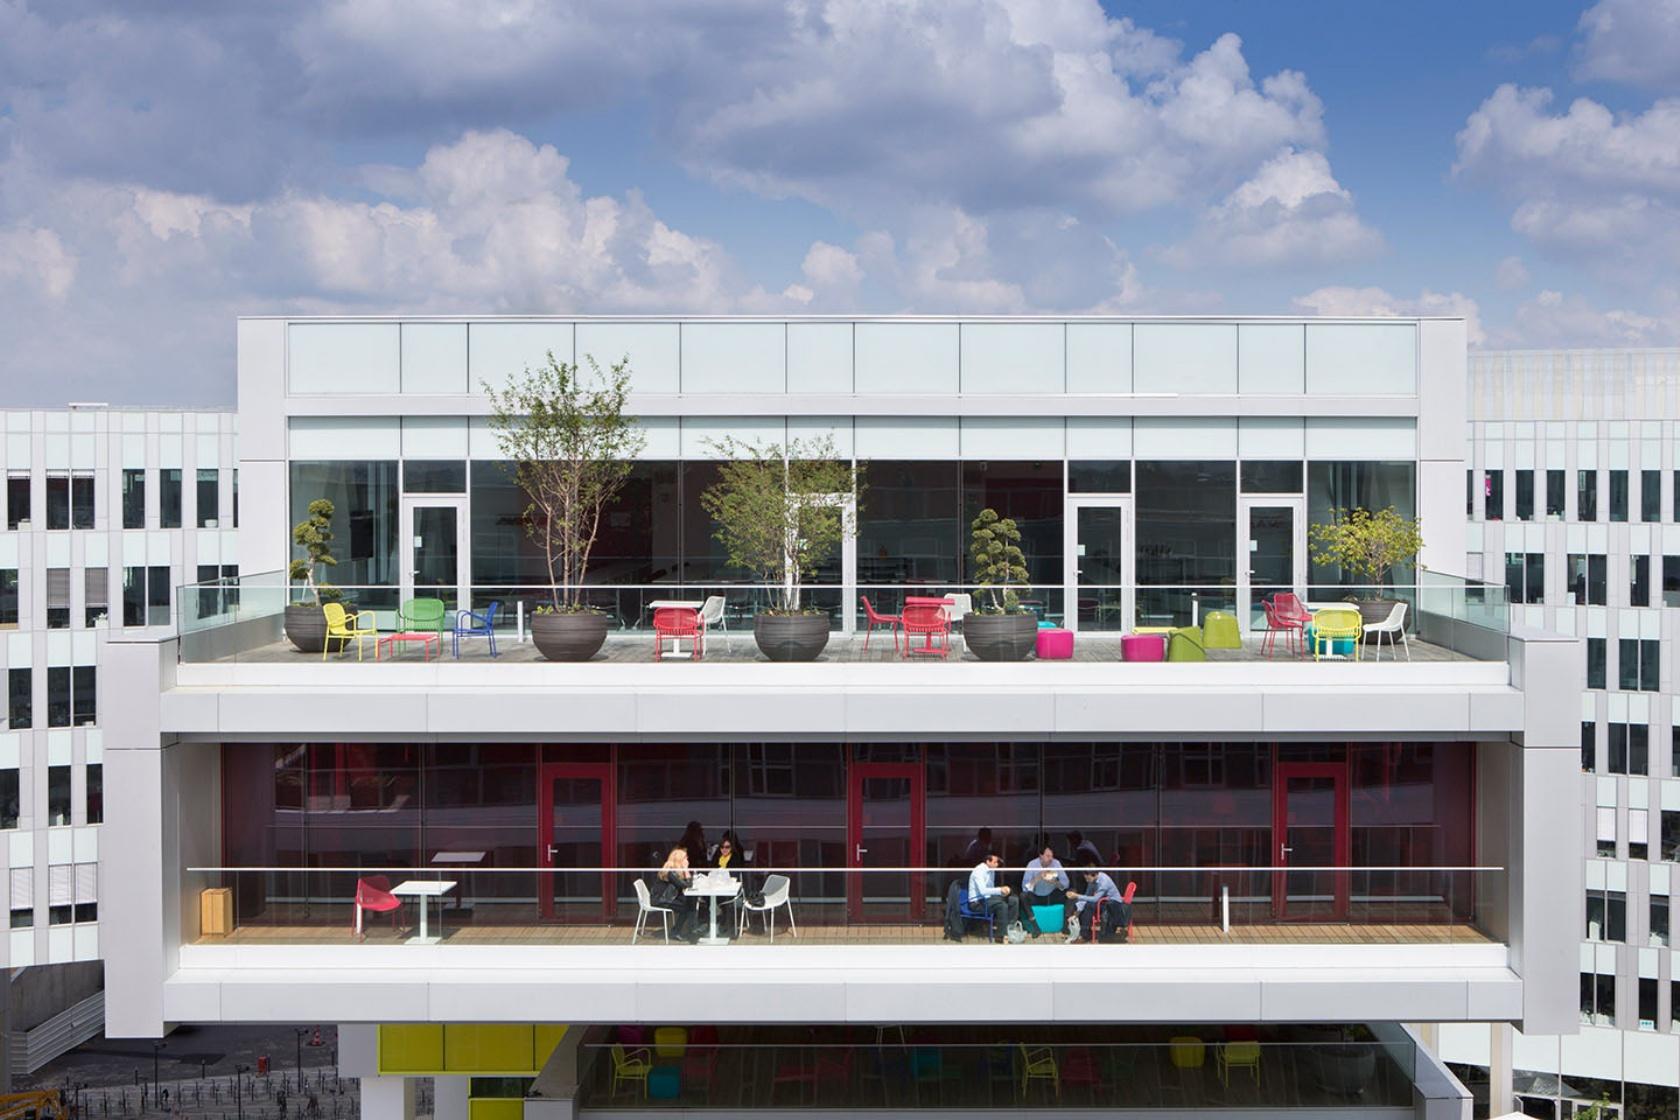 Campus SFR - Jean-Paul Viguier & Associés